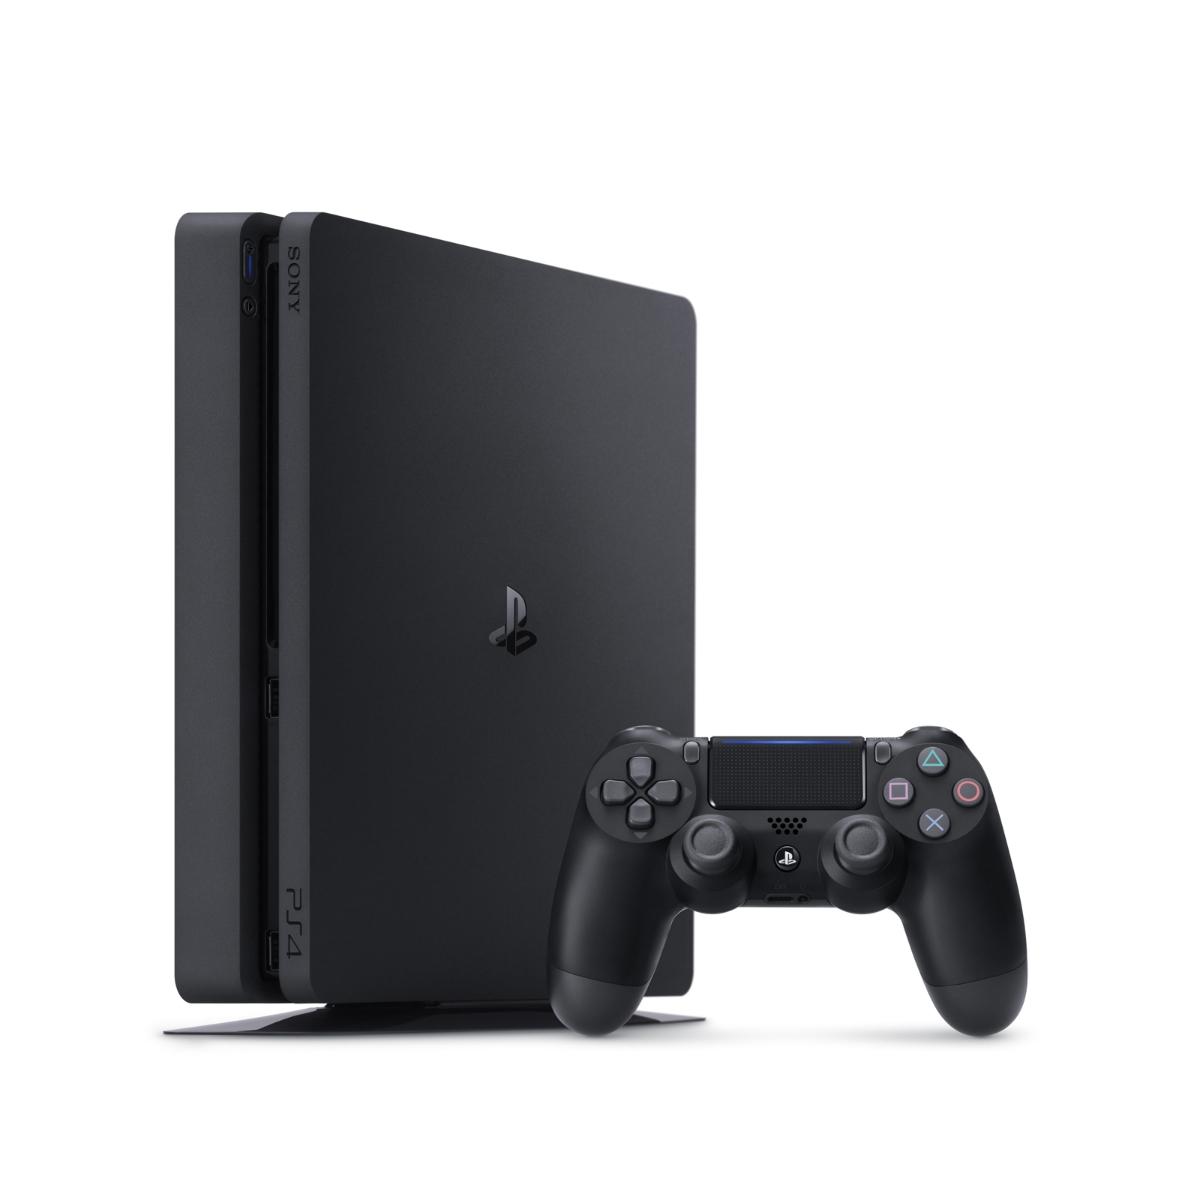 【中古】 PlayStation4 ジェット・ブラック 500GB [CUH-2200AB01] PS4 本体 CUH-2200AB01 / 中古 ゲーム